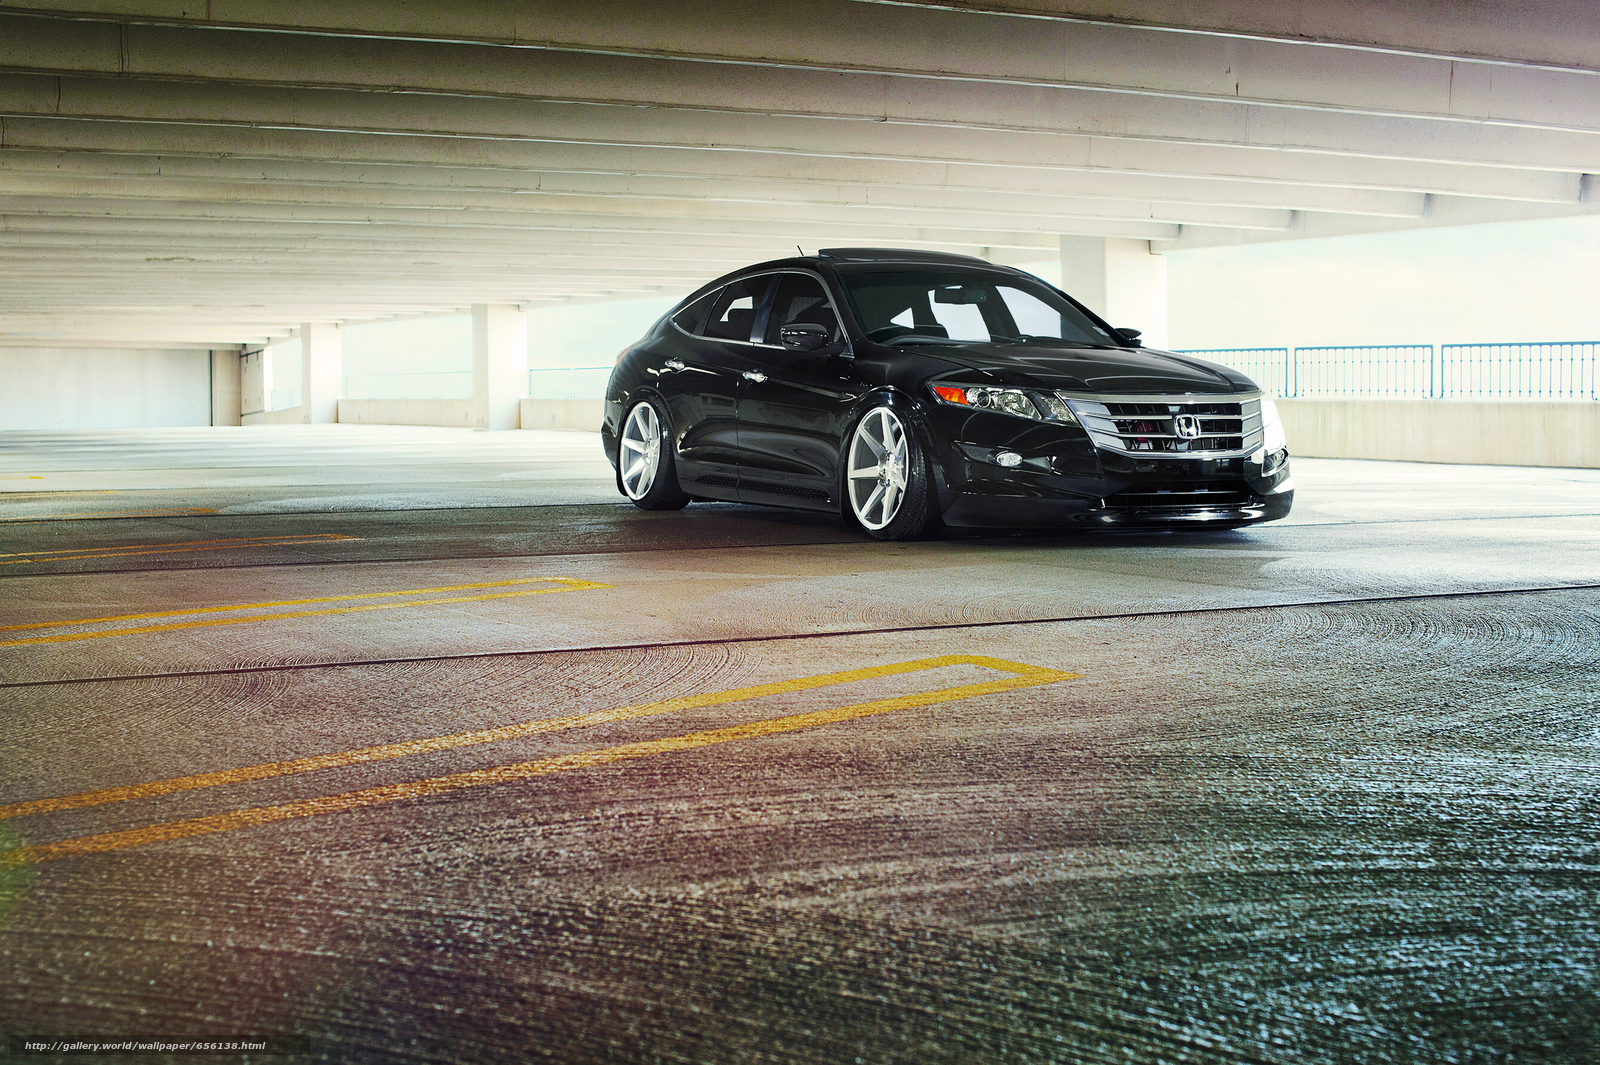 Скачать обои Honda,  машина,  автомобиль бесплатно для рабочего стола в разрешении 2048x1363 — картинка №656138